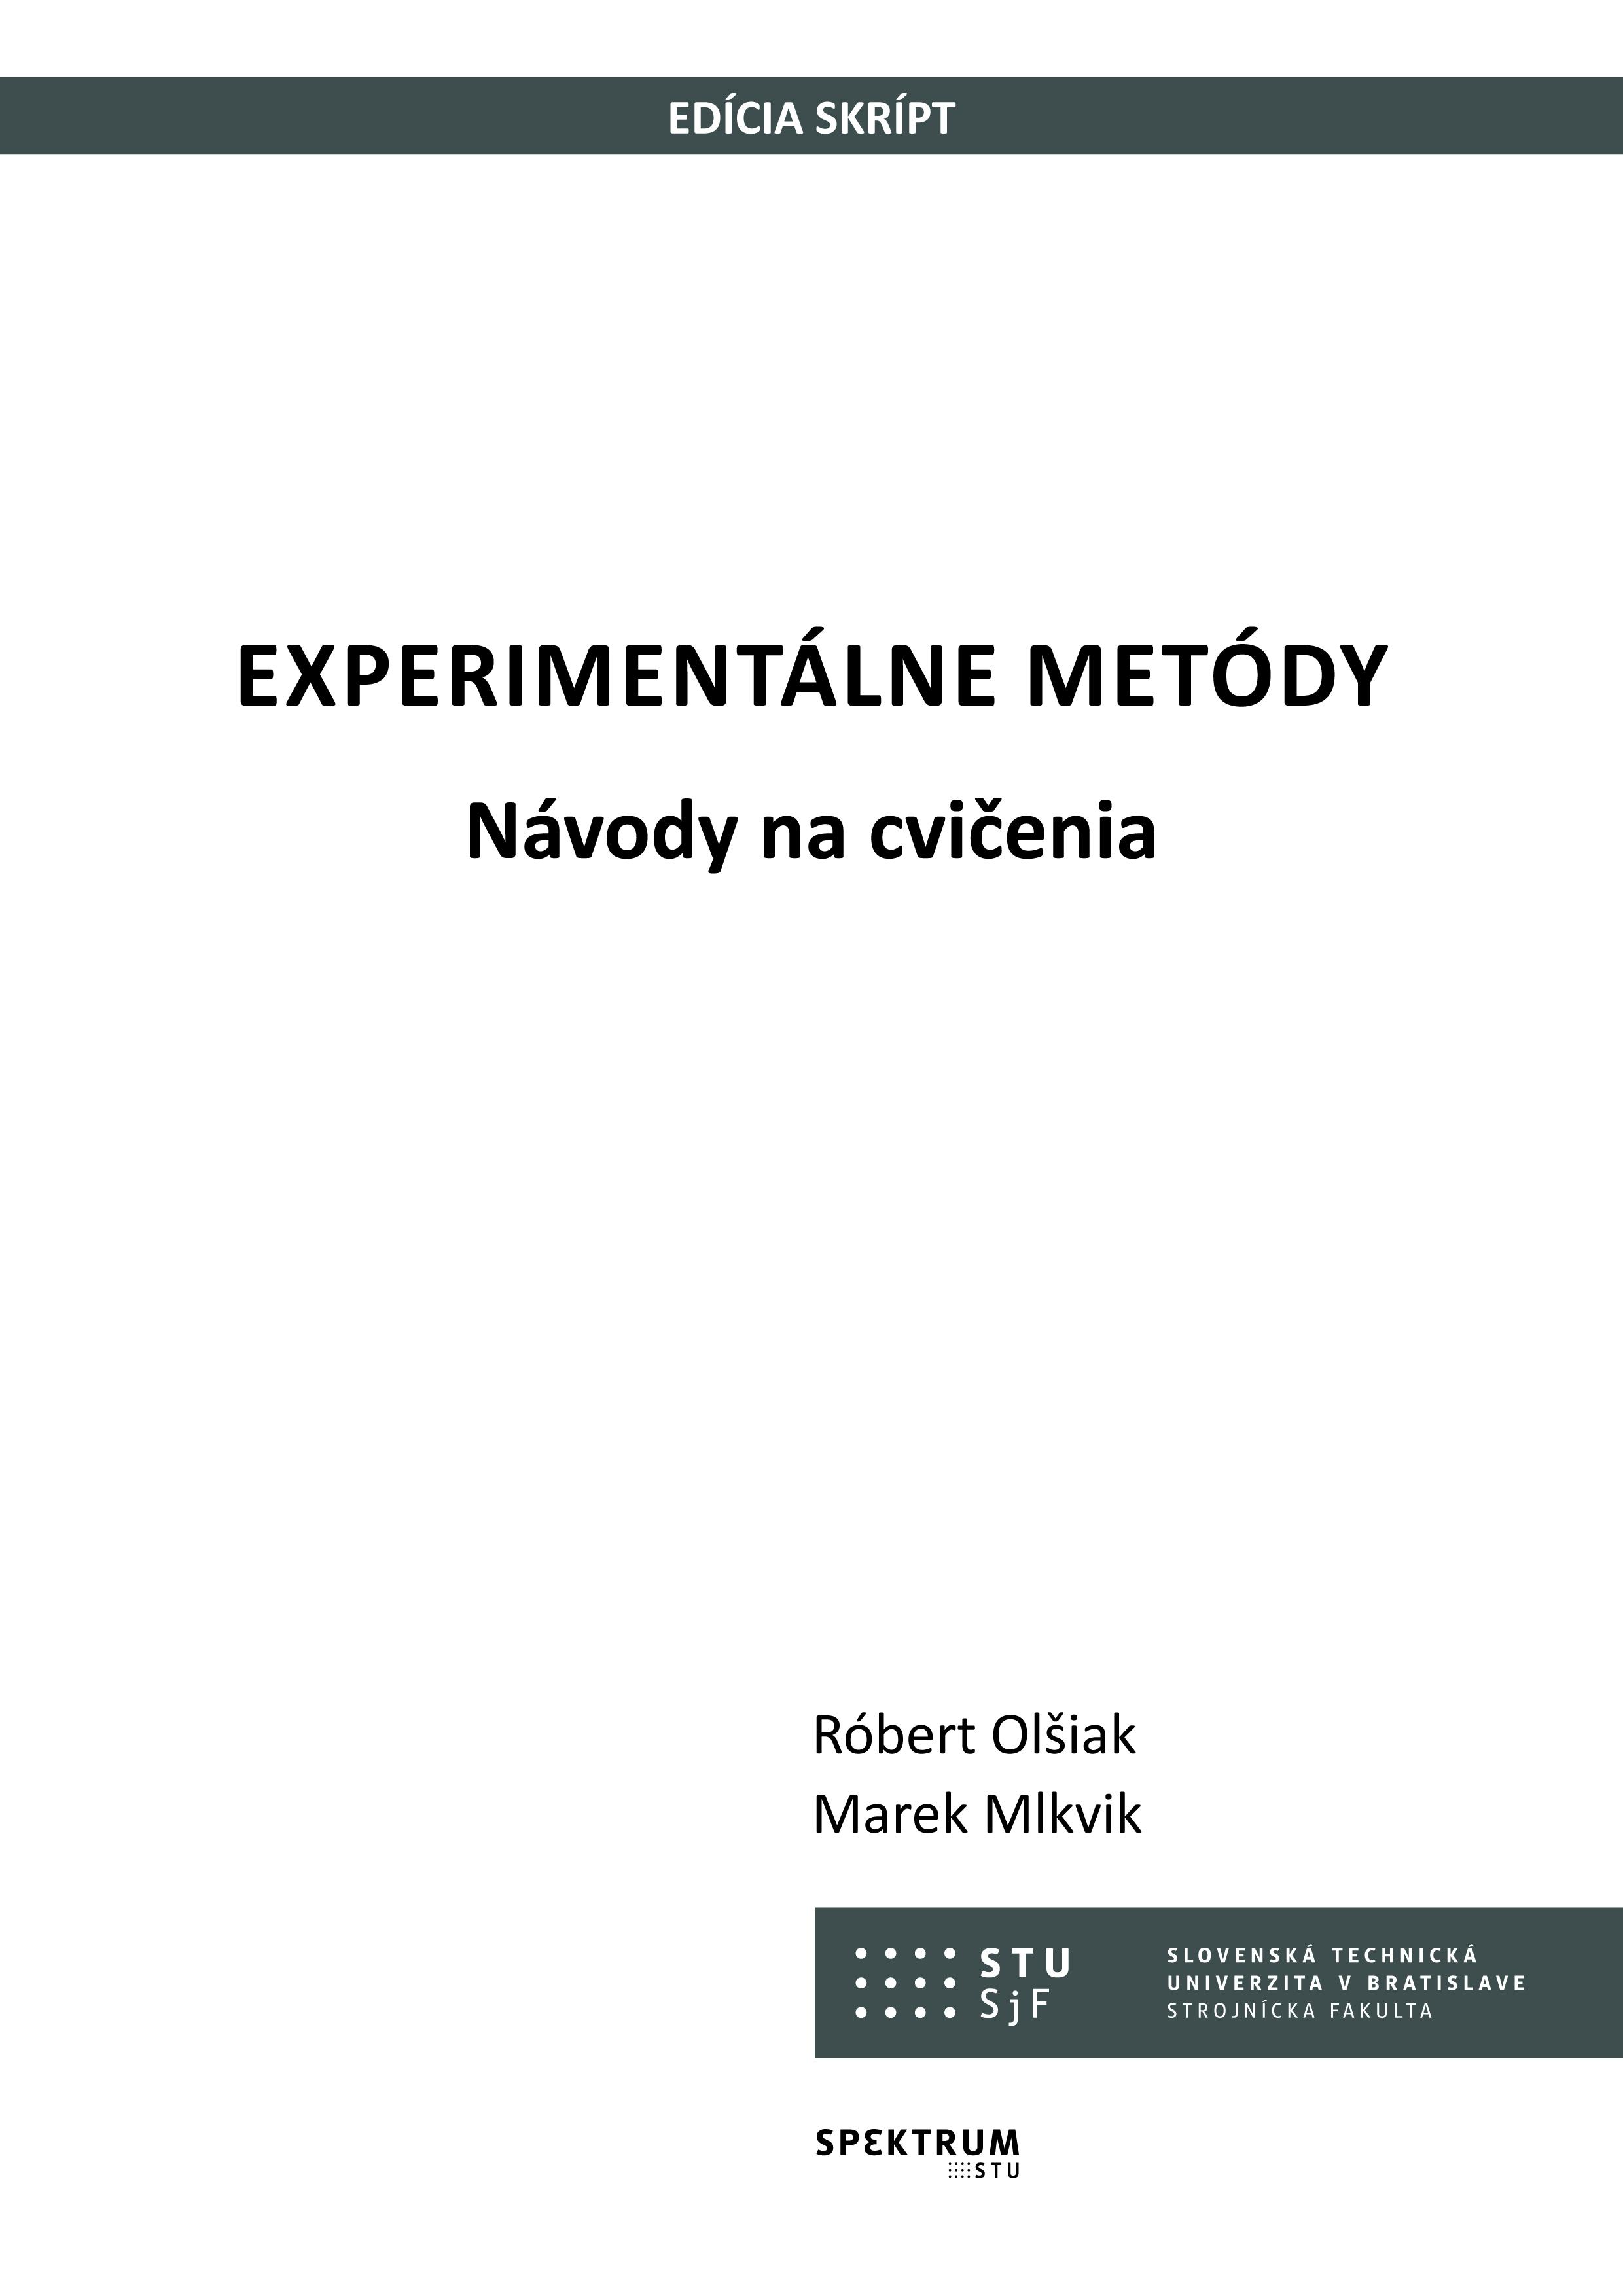 Experimentálne metódy, návody na cvičenia